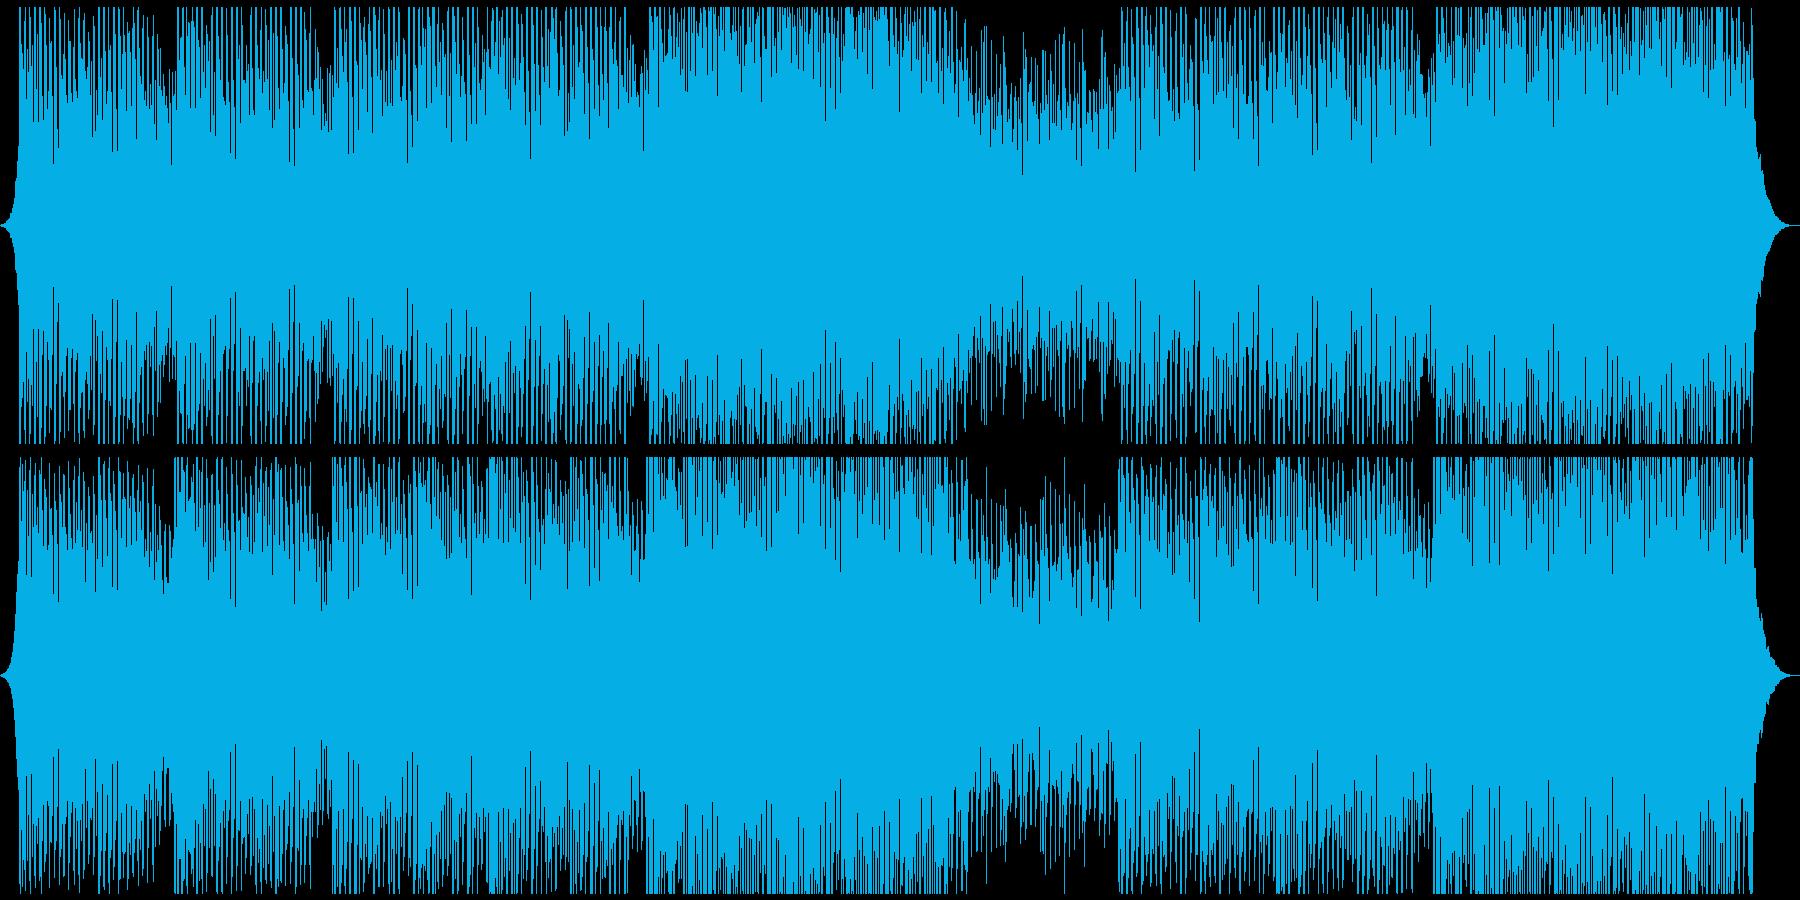 感動的でやる気があり、楽観的な企業音楽の再生済みの波形